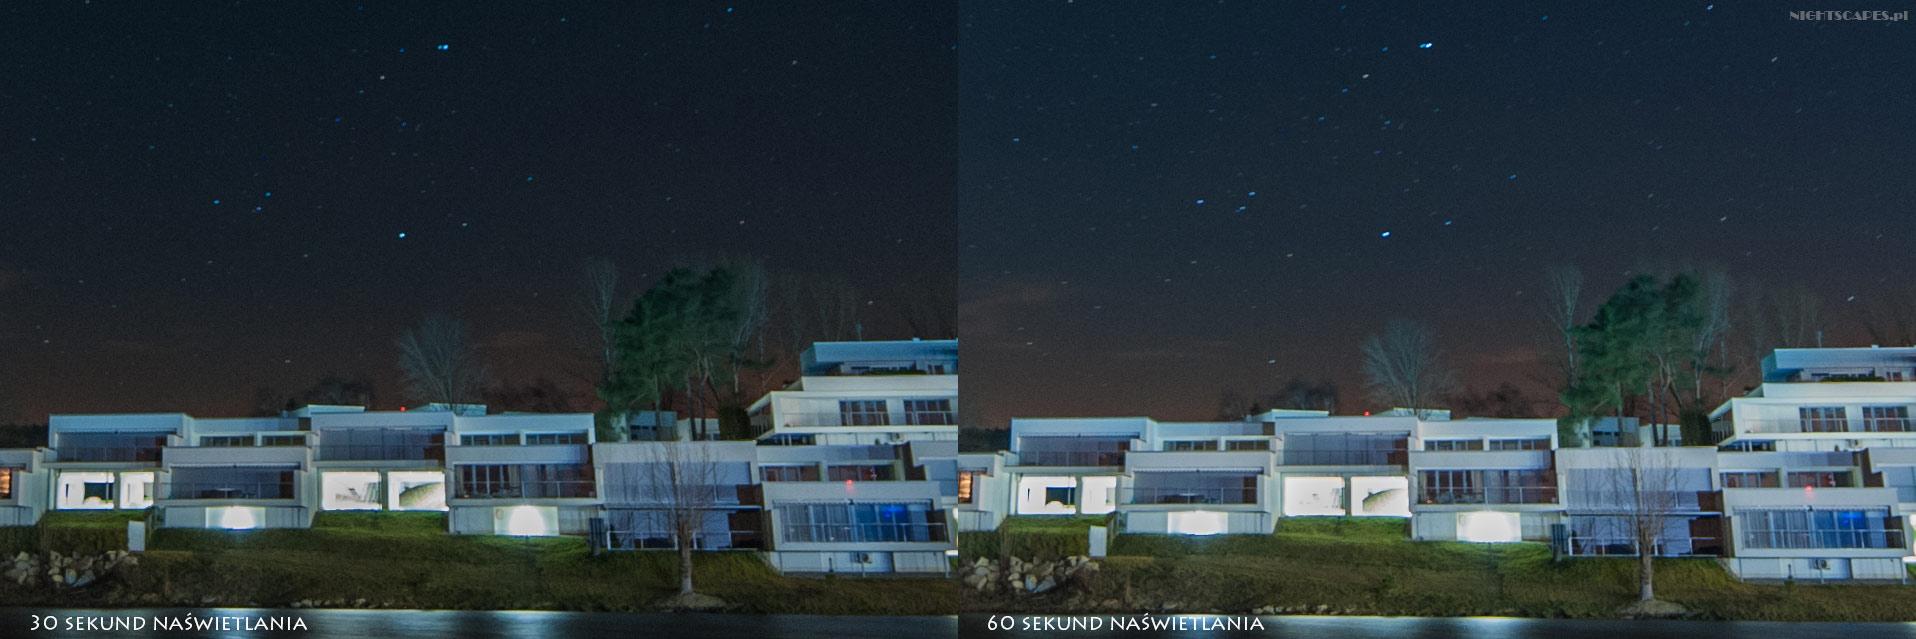 wpływ długości naświetlania wfotografii gwiazd wkierunku północnym